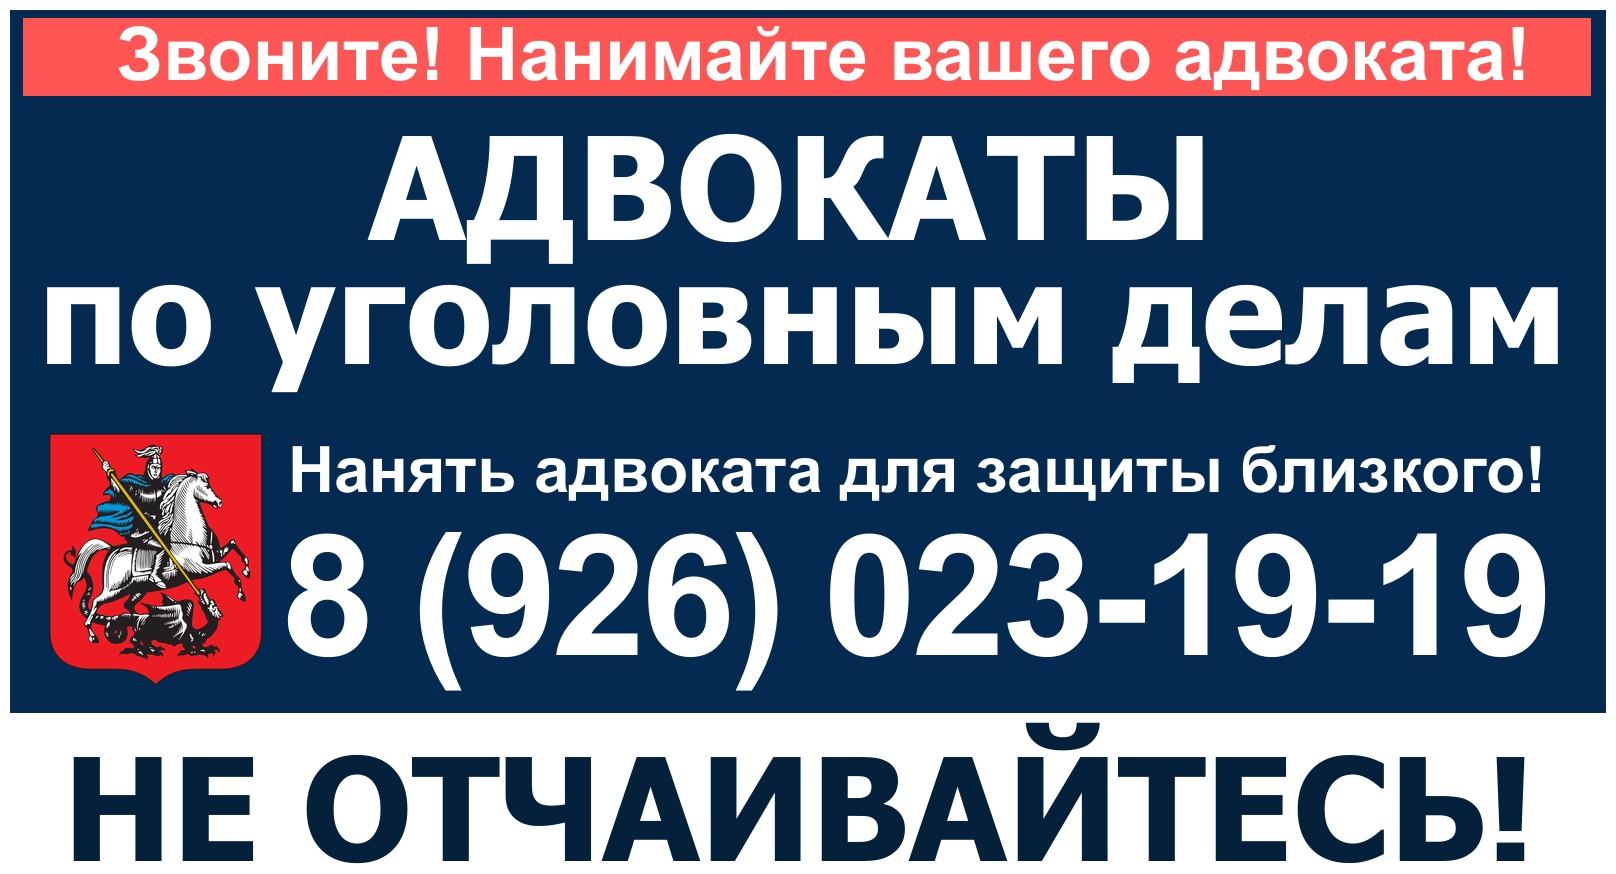 Адвокат Красногорск. Адвокат в Красногорске